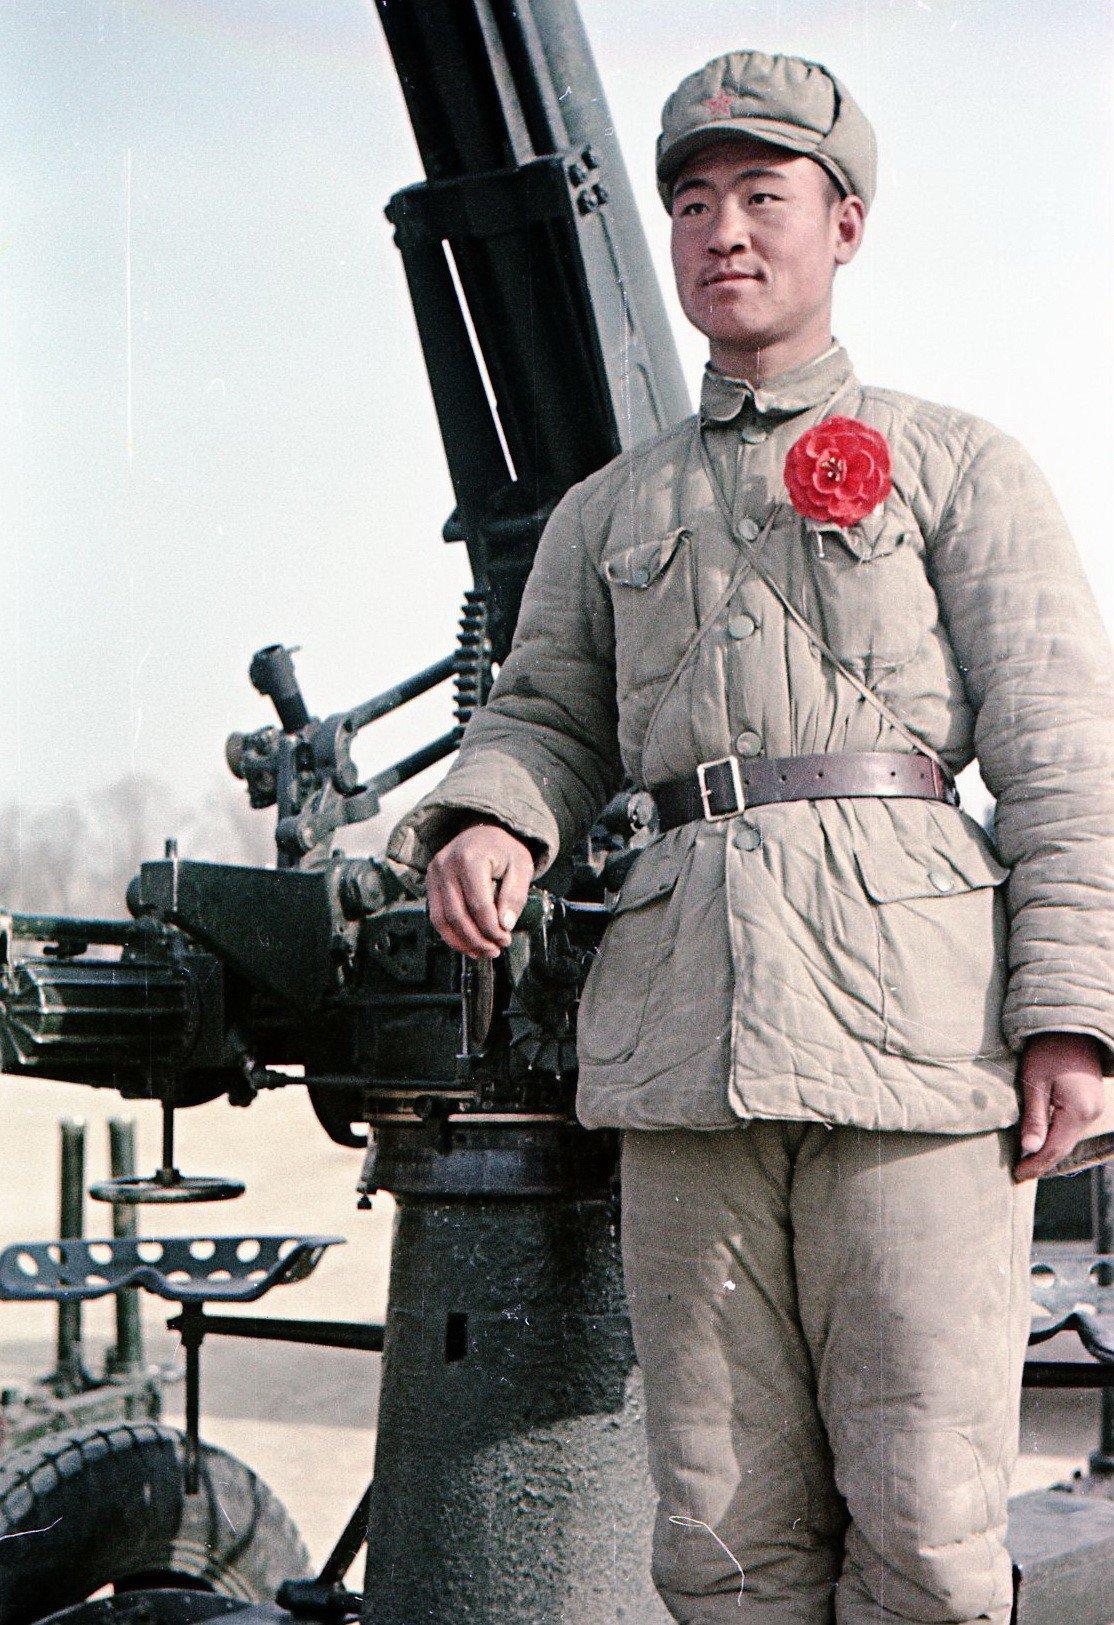 1949. Боец Народно-освободительной армии Китая (НОА) у зенитного орудия